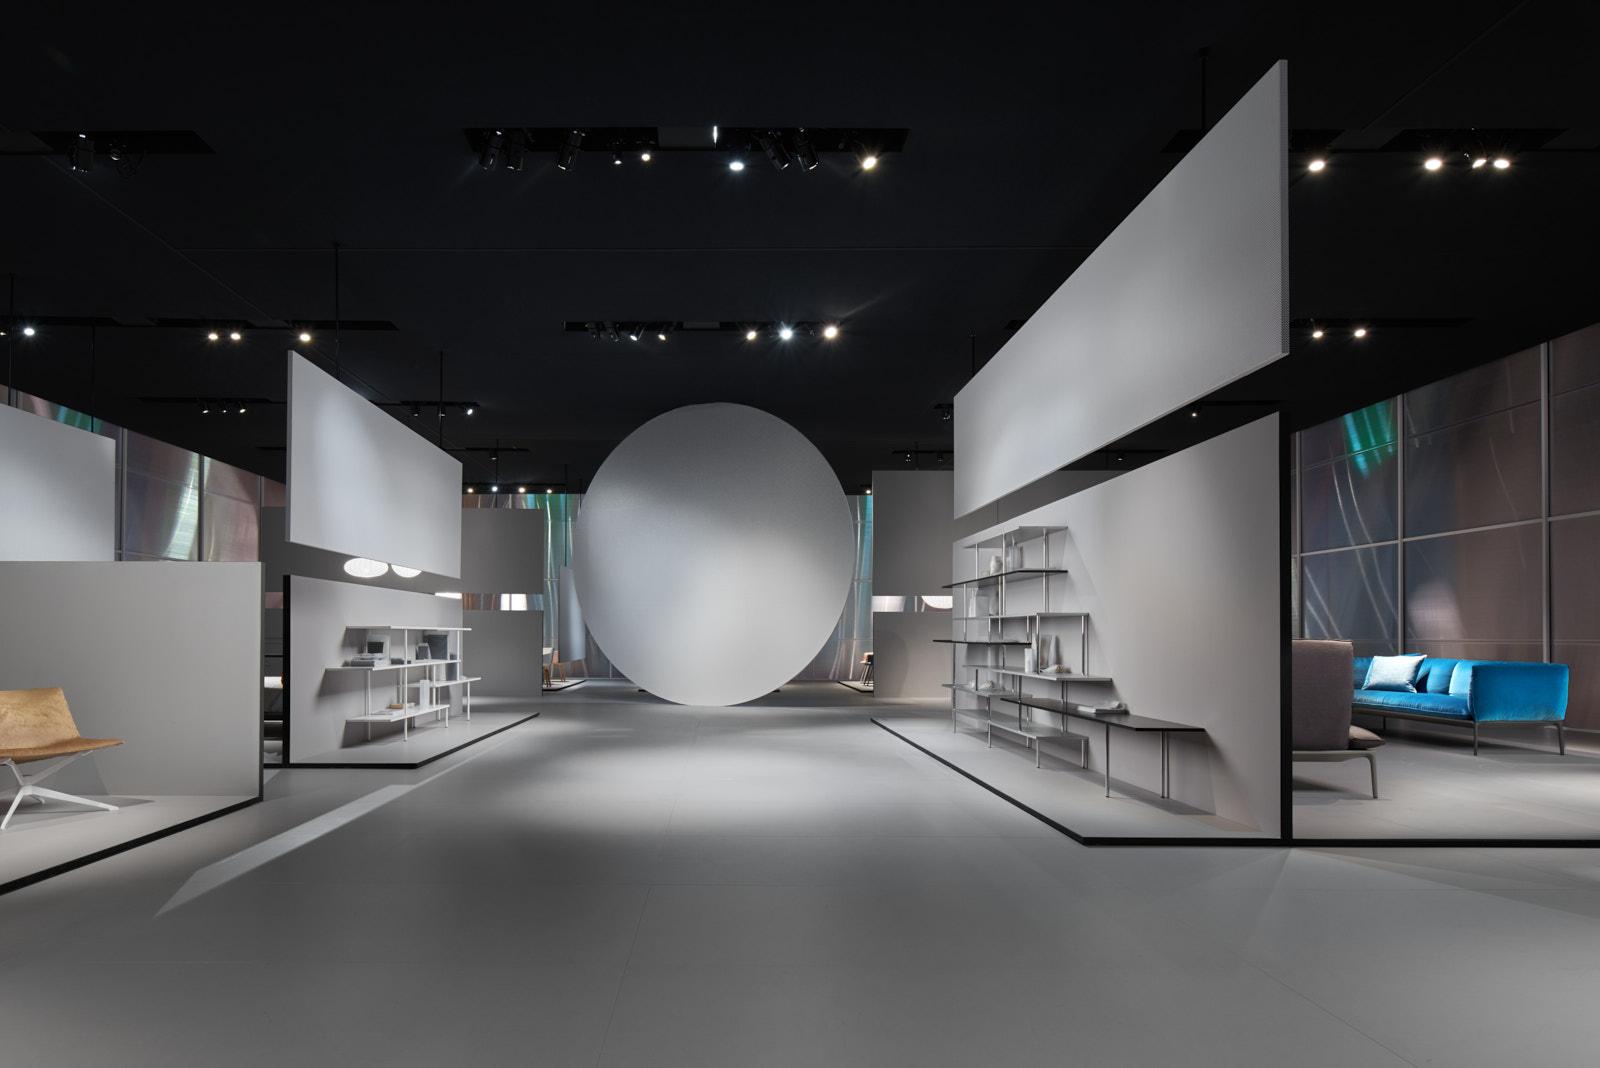 Copertina MDFitalia salone del mobile 2018 | LCBstudio